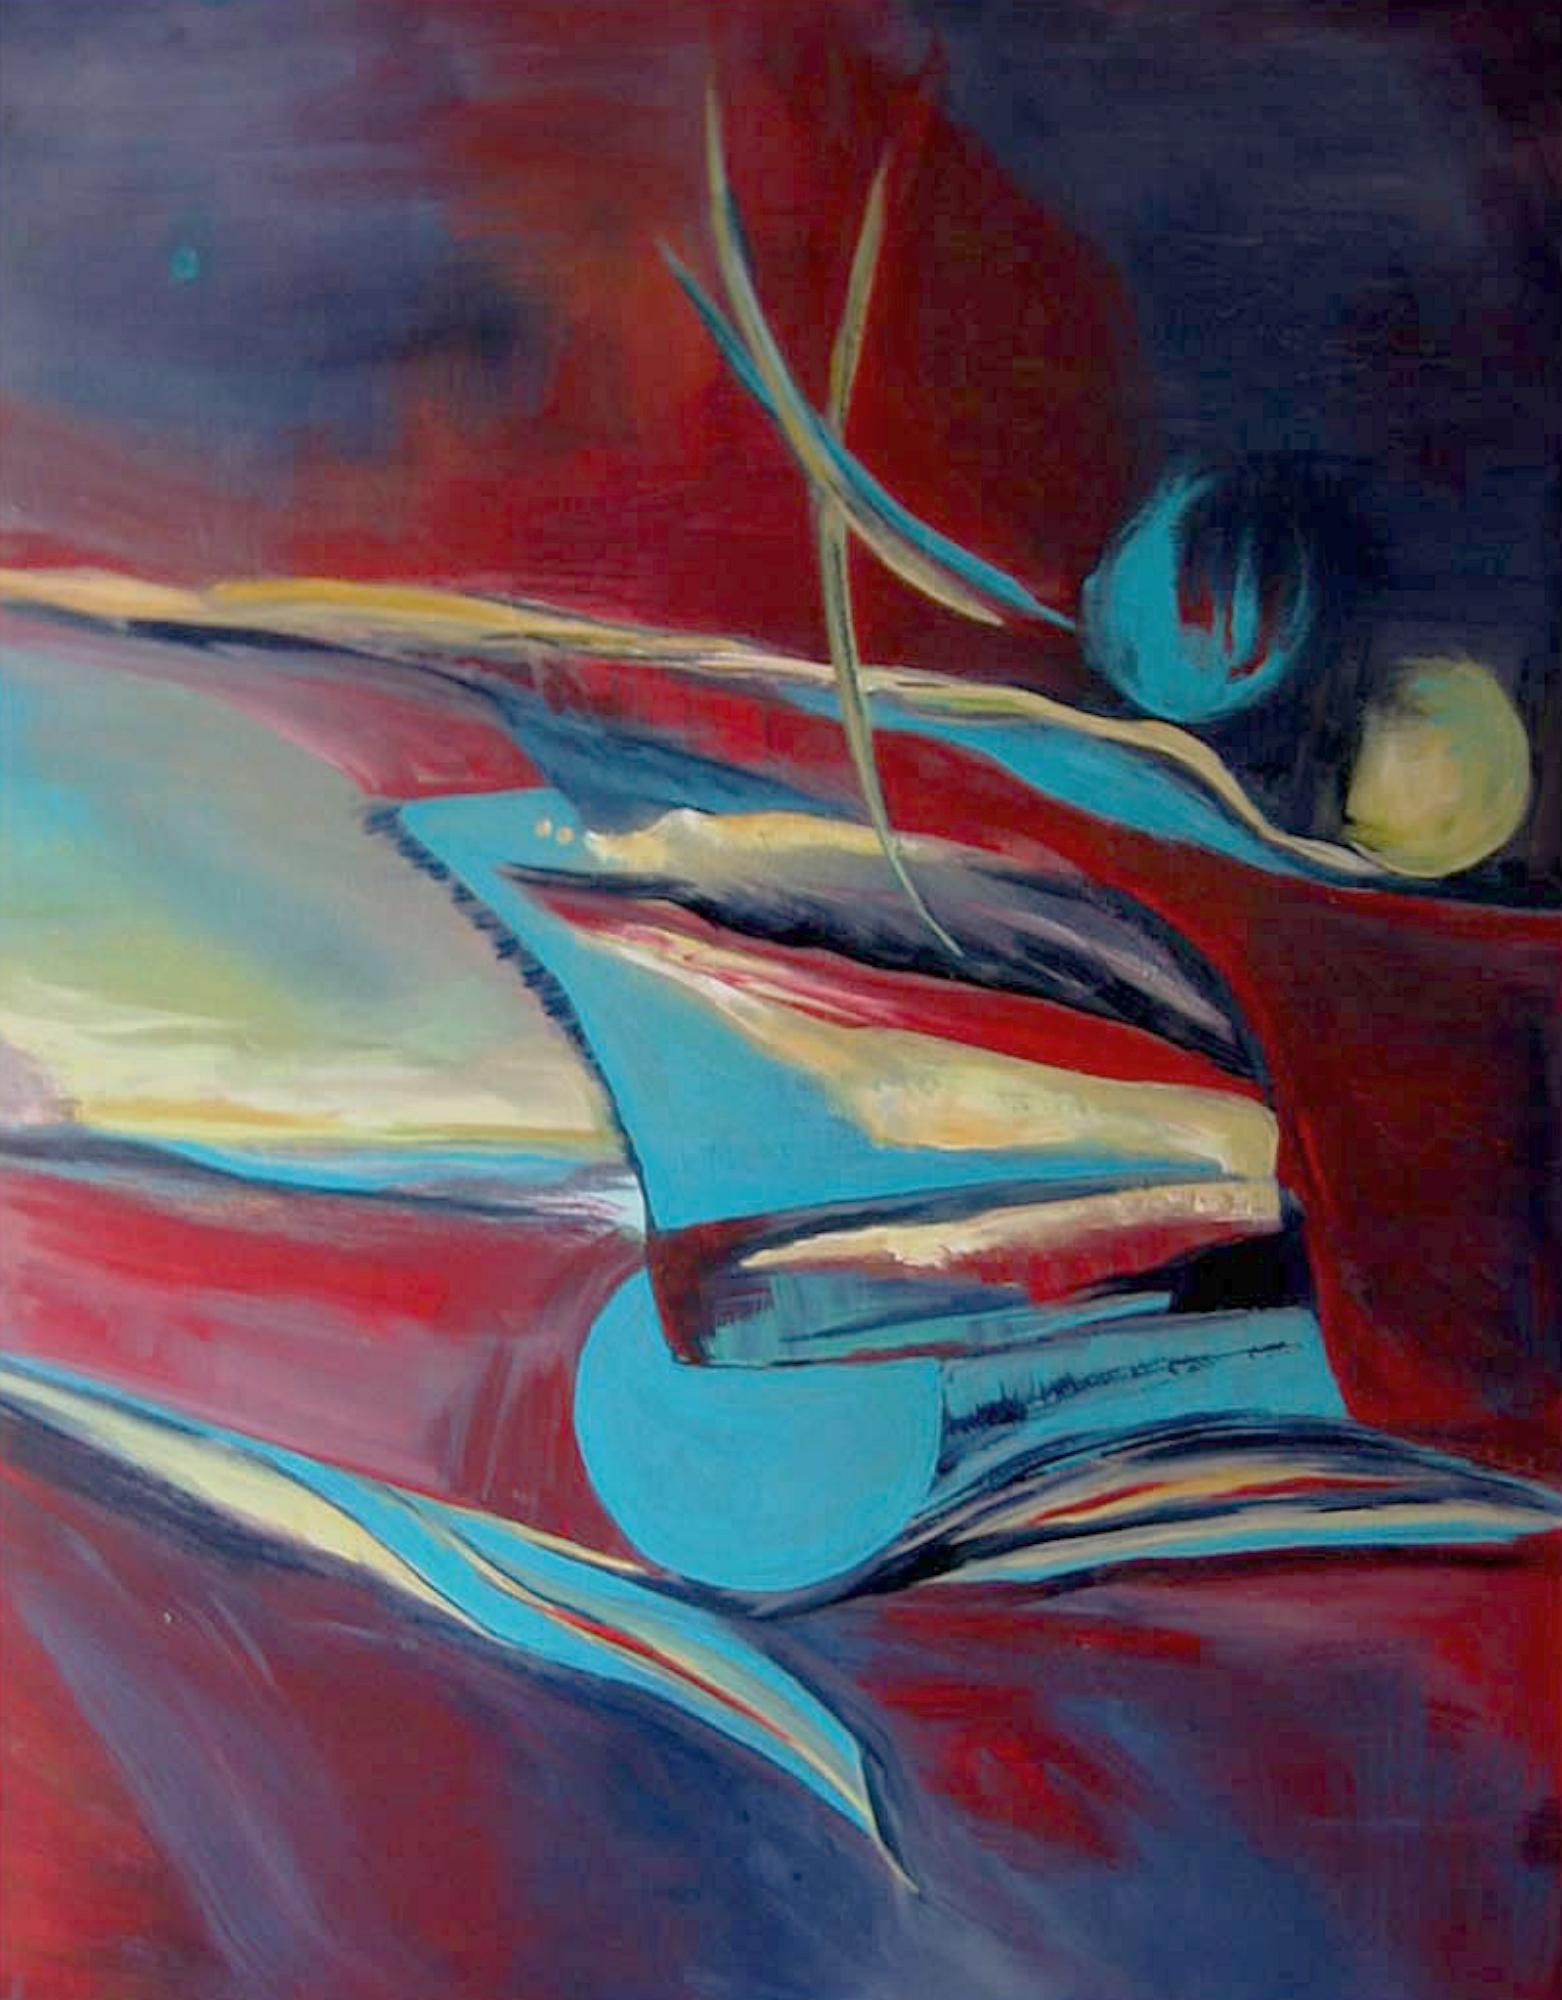 2008 - Entfaltung, 80x100cm, Acryl